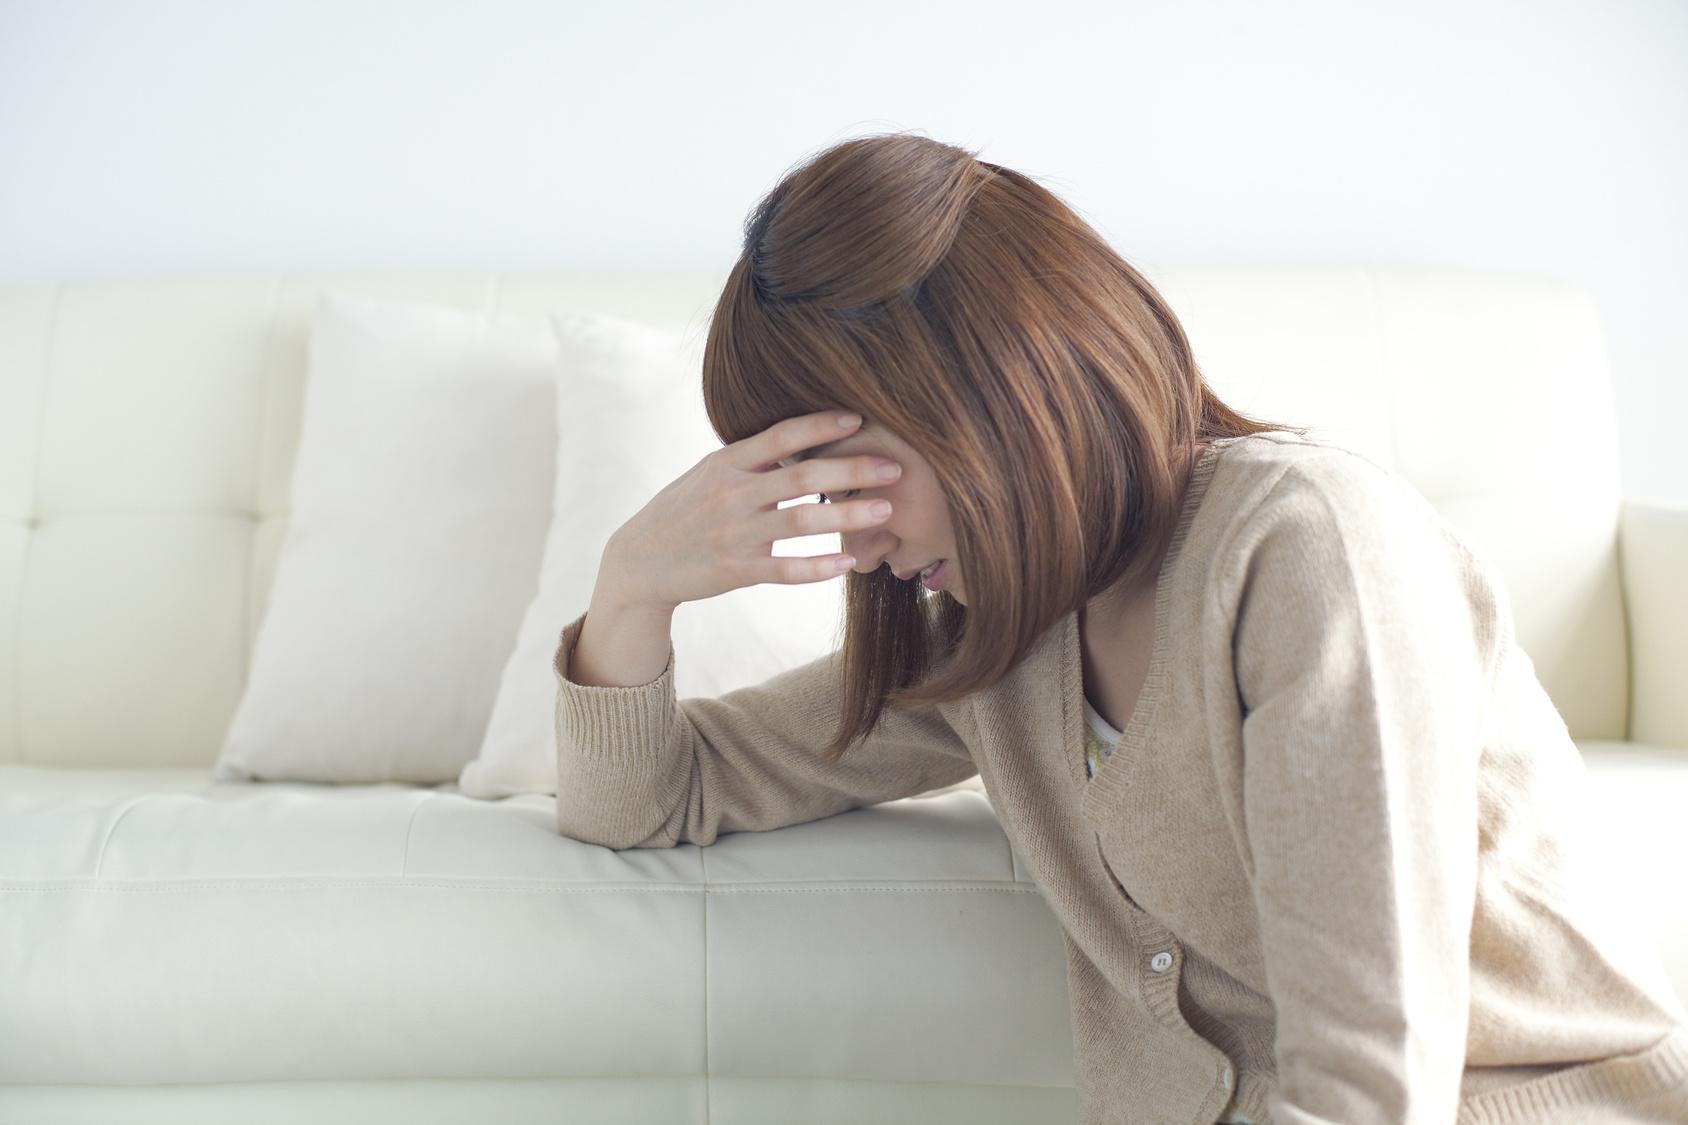 甲状腺機能亢進症 甲状腺機能低下症 内分泌内科